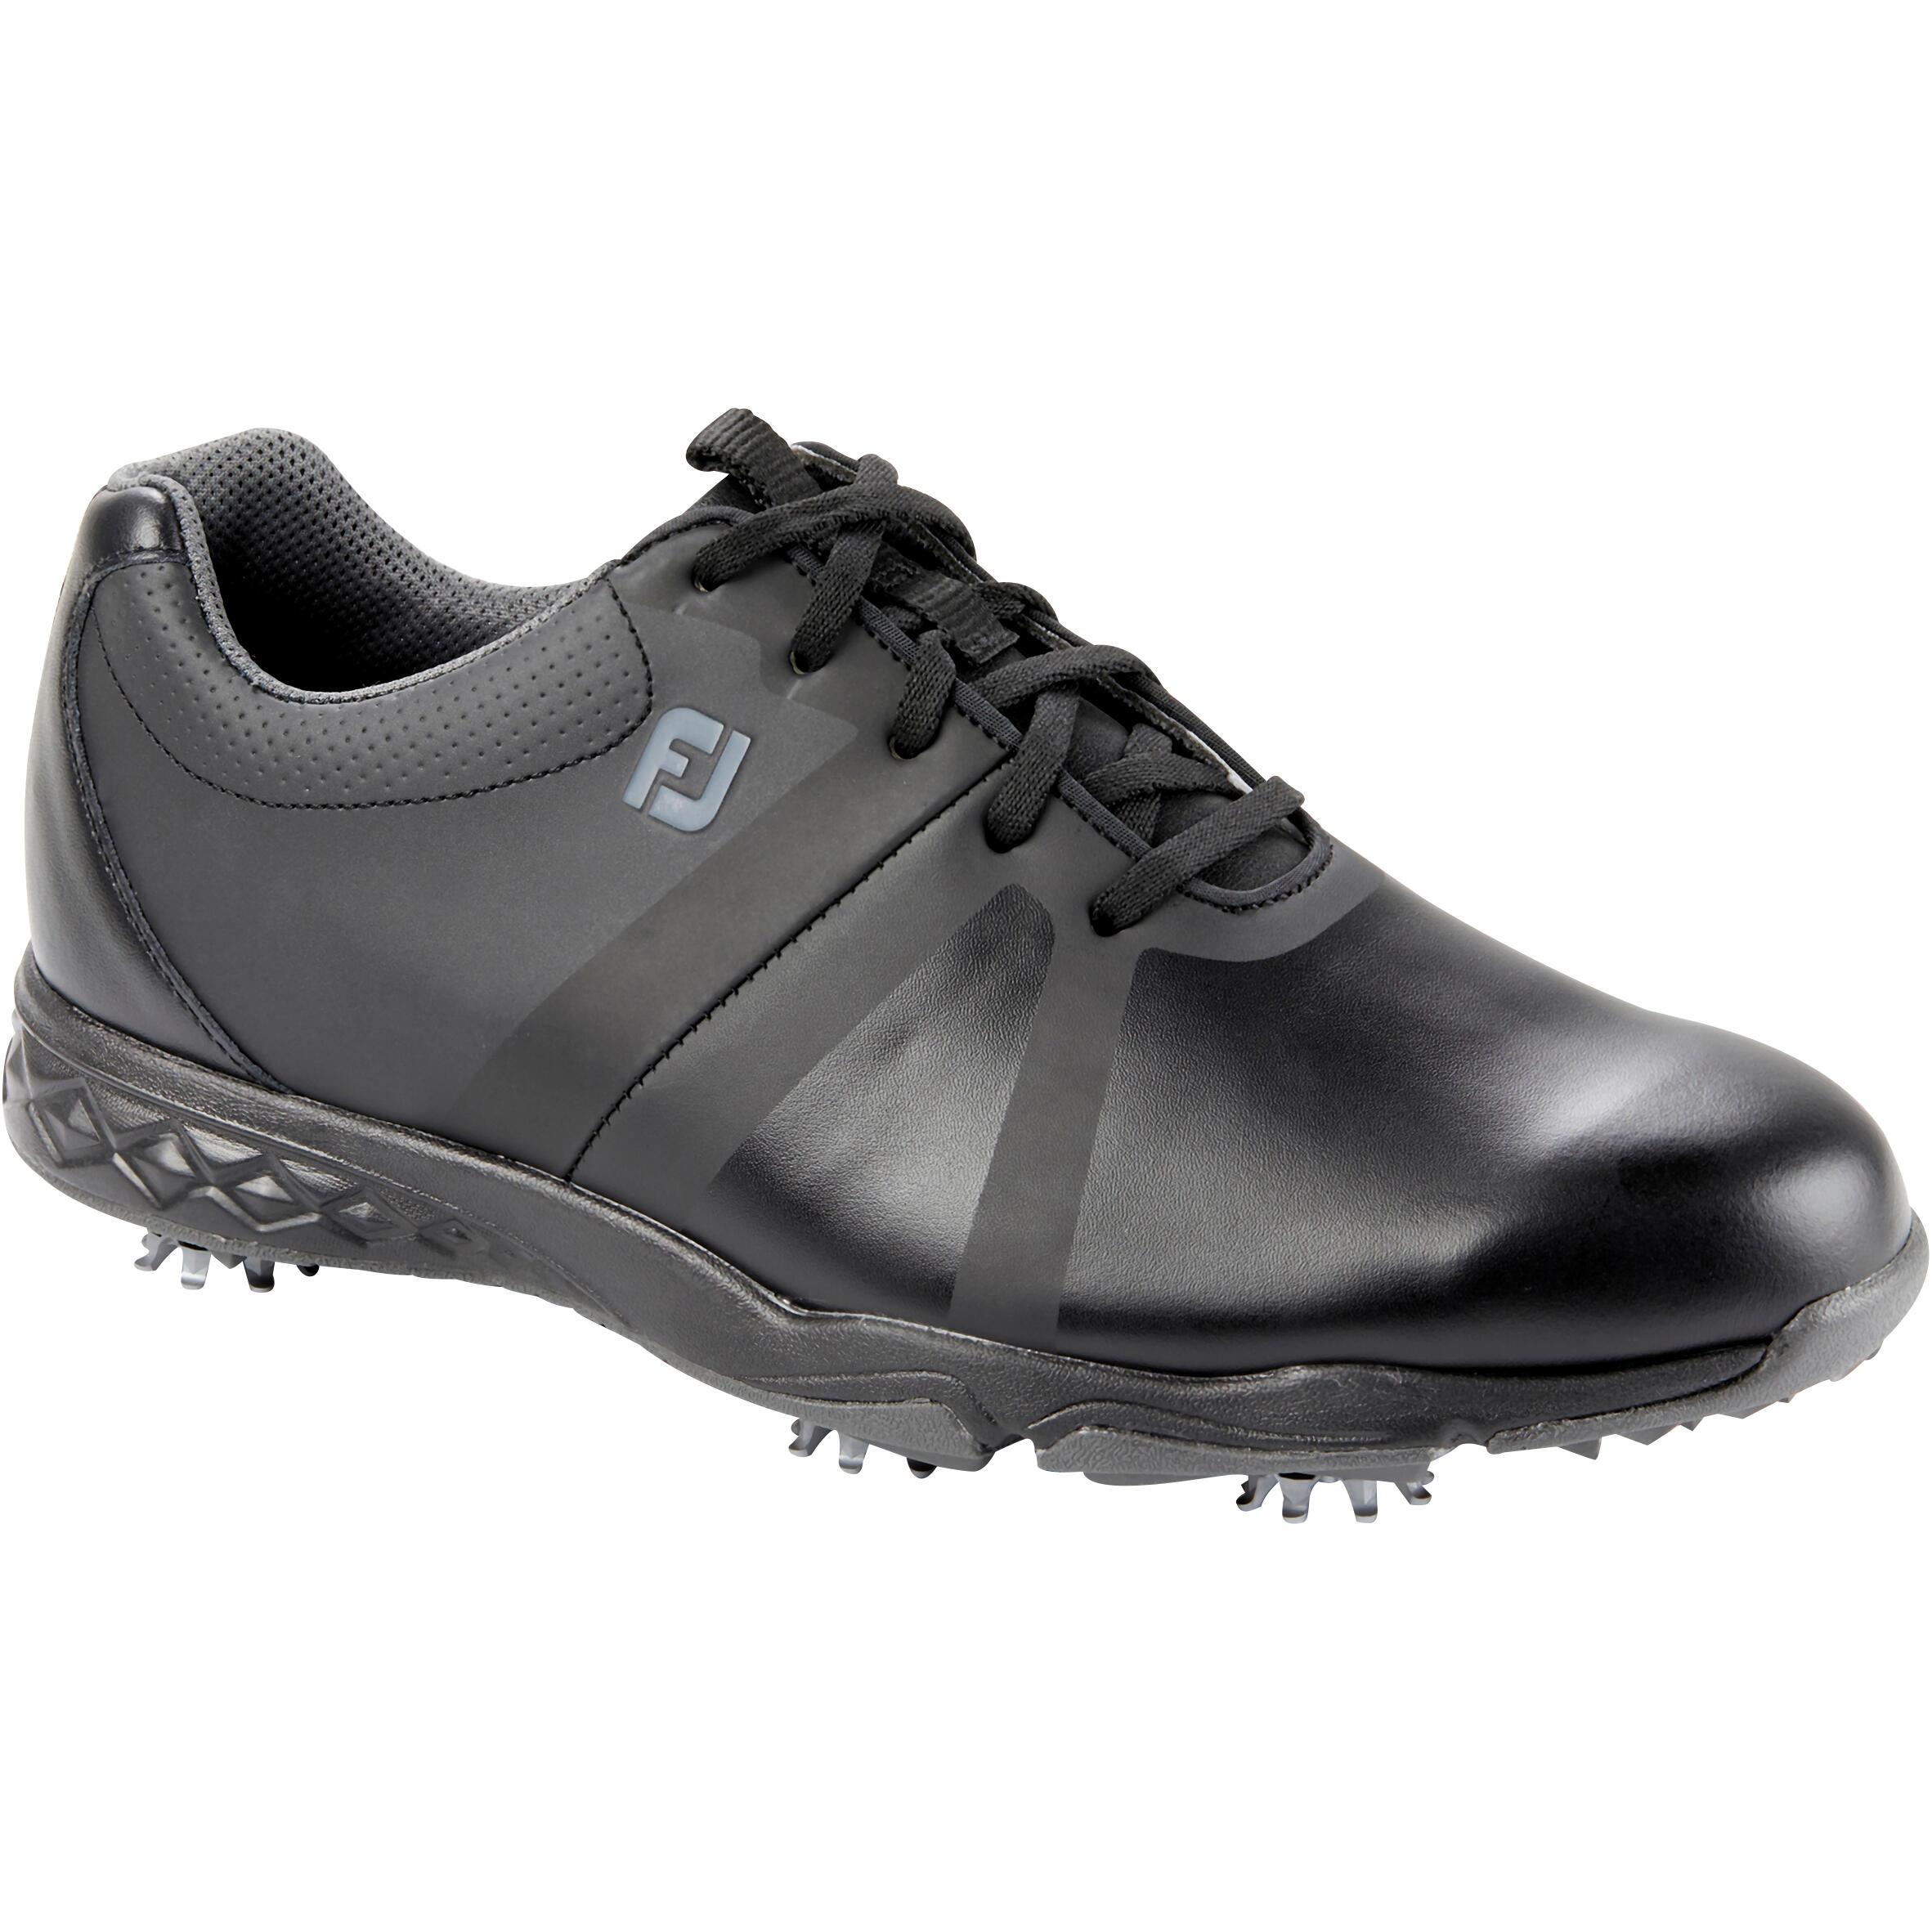 Footjoy Golfschoenen Energize voor heren zwart